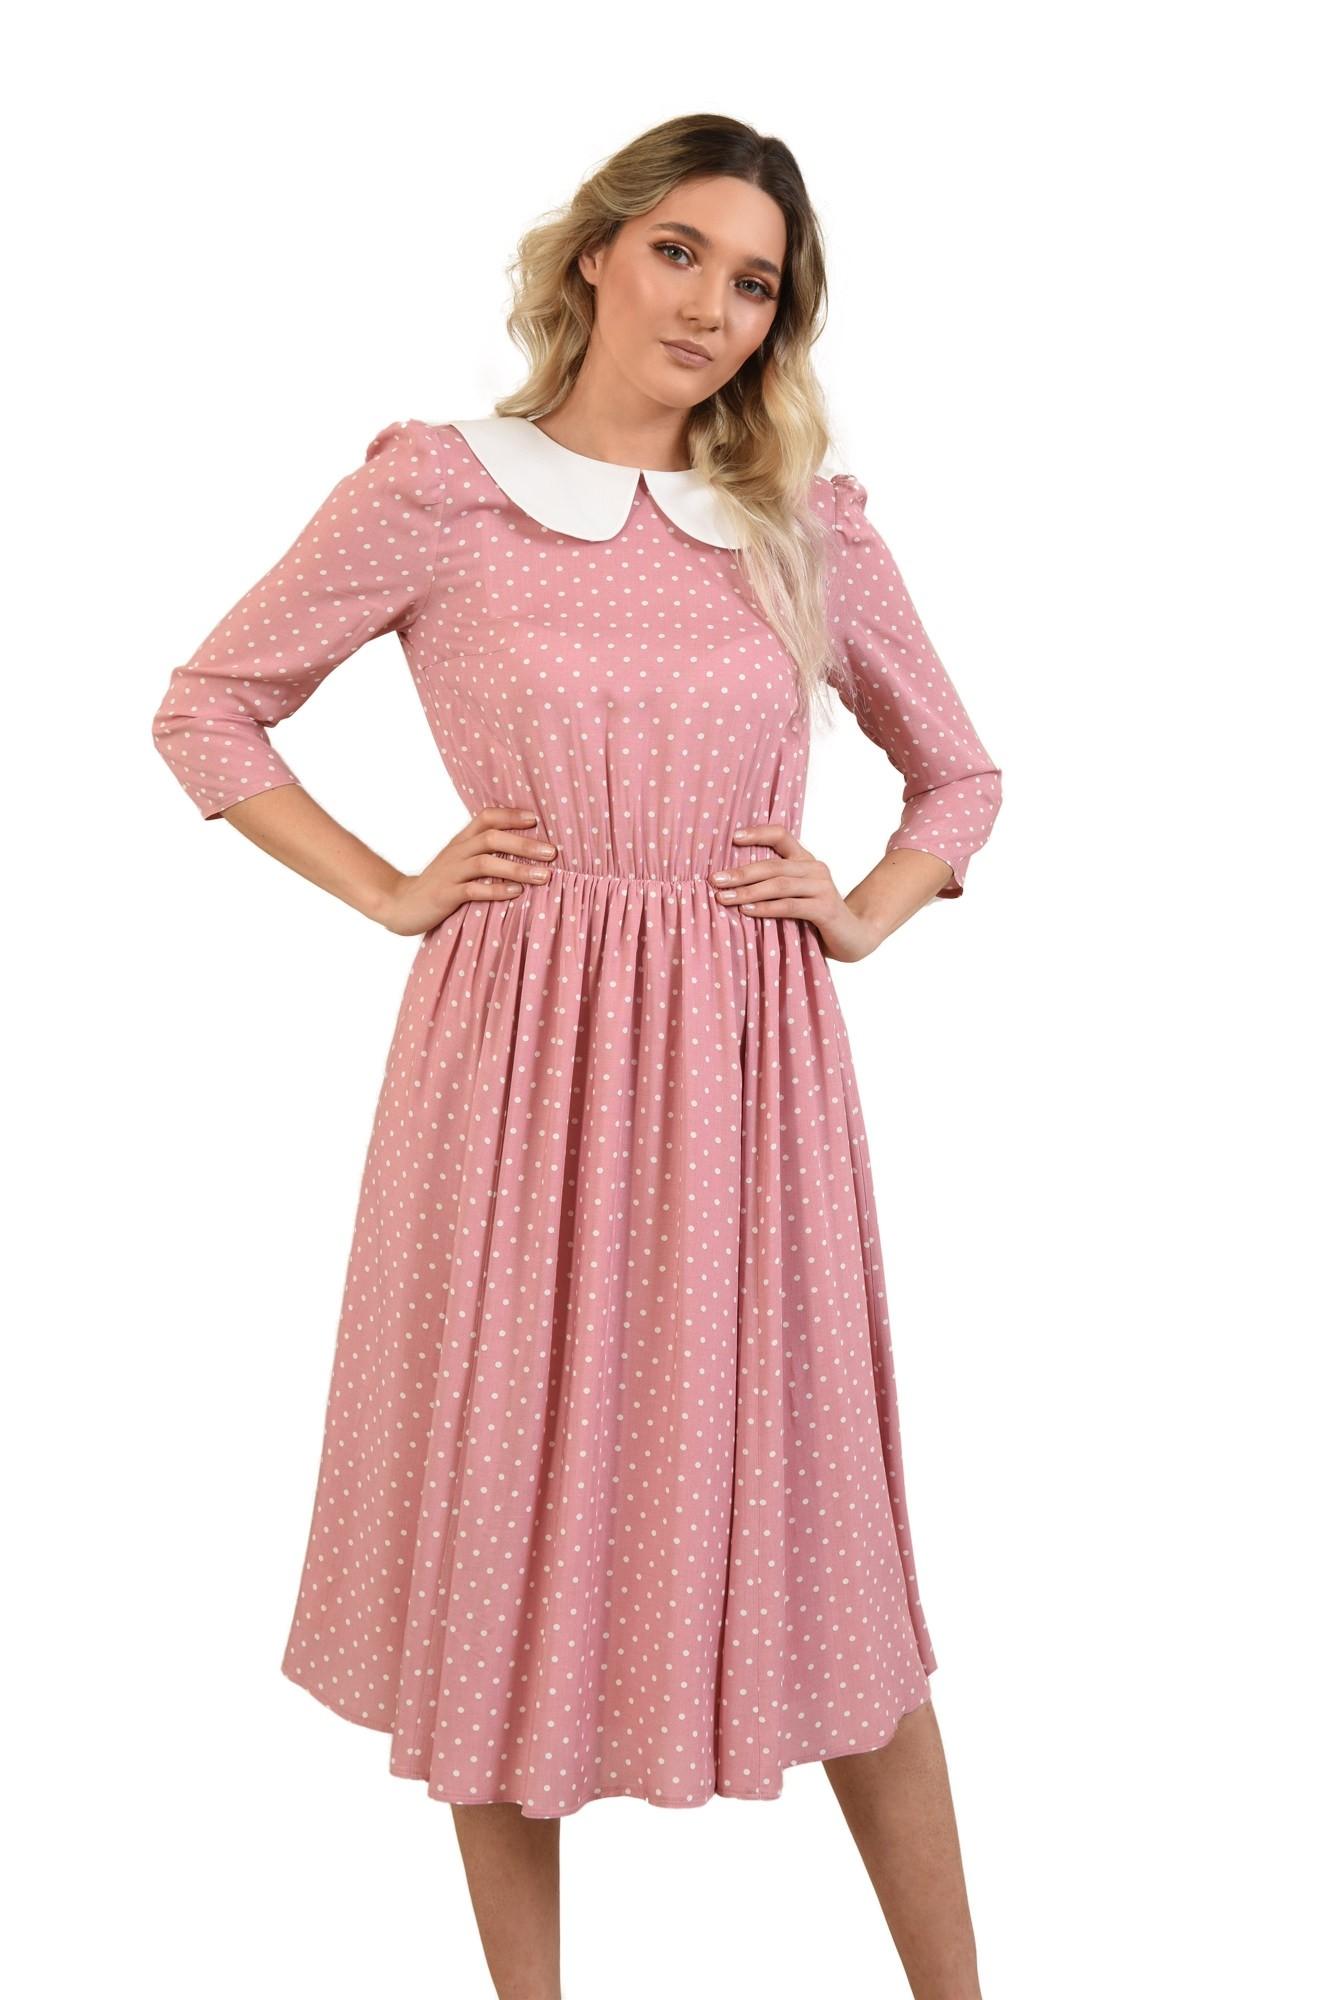 0 -  rochie cu buline, casual, de zi, rochie de vara, cu guler